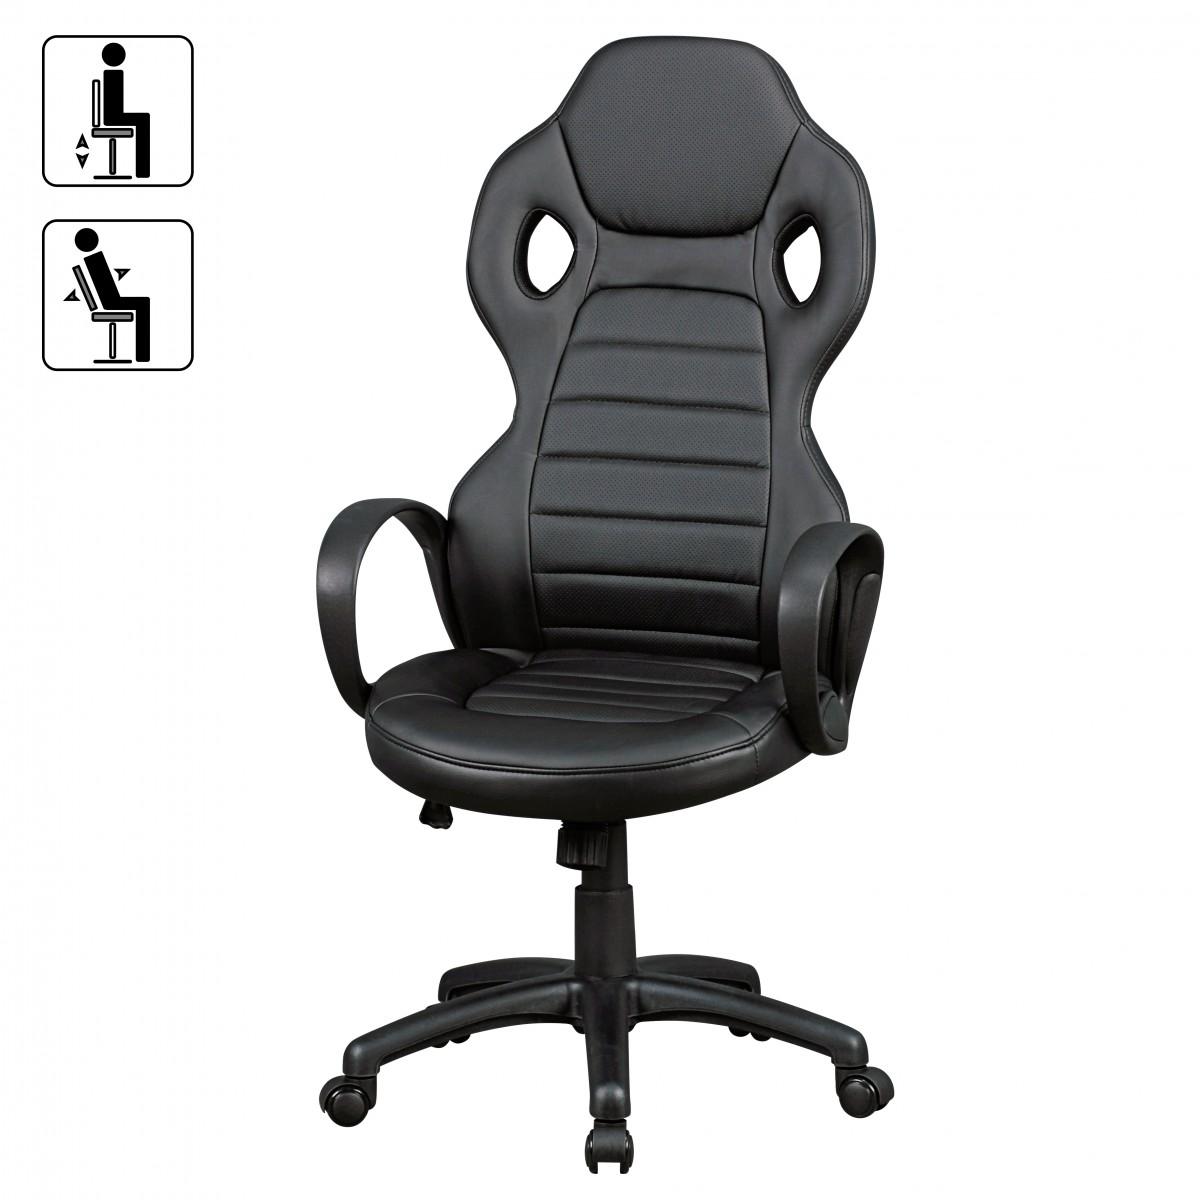 Bureaustoel Kopen Goedkoop.Goedkope Gaming Chair Kopen Aktie Wonen Nl